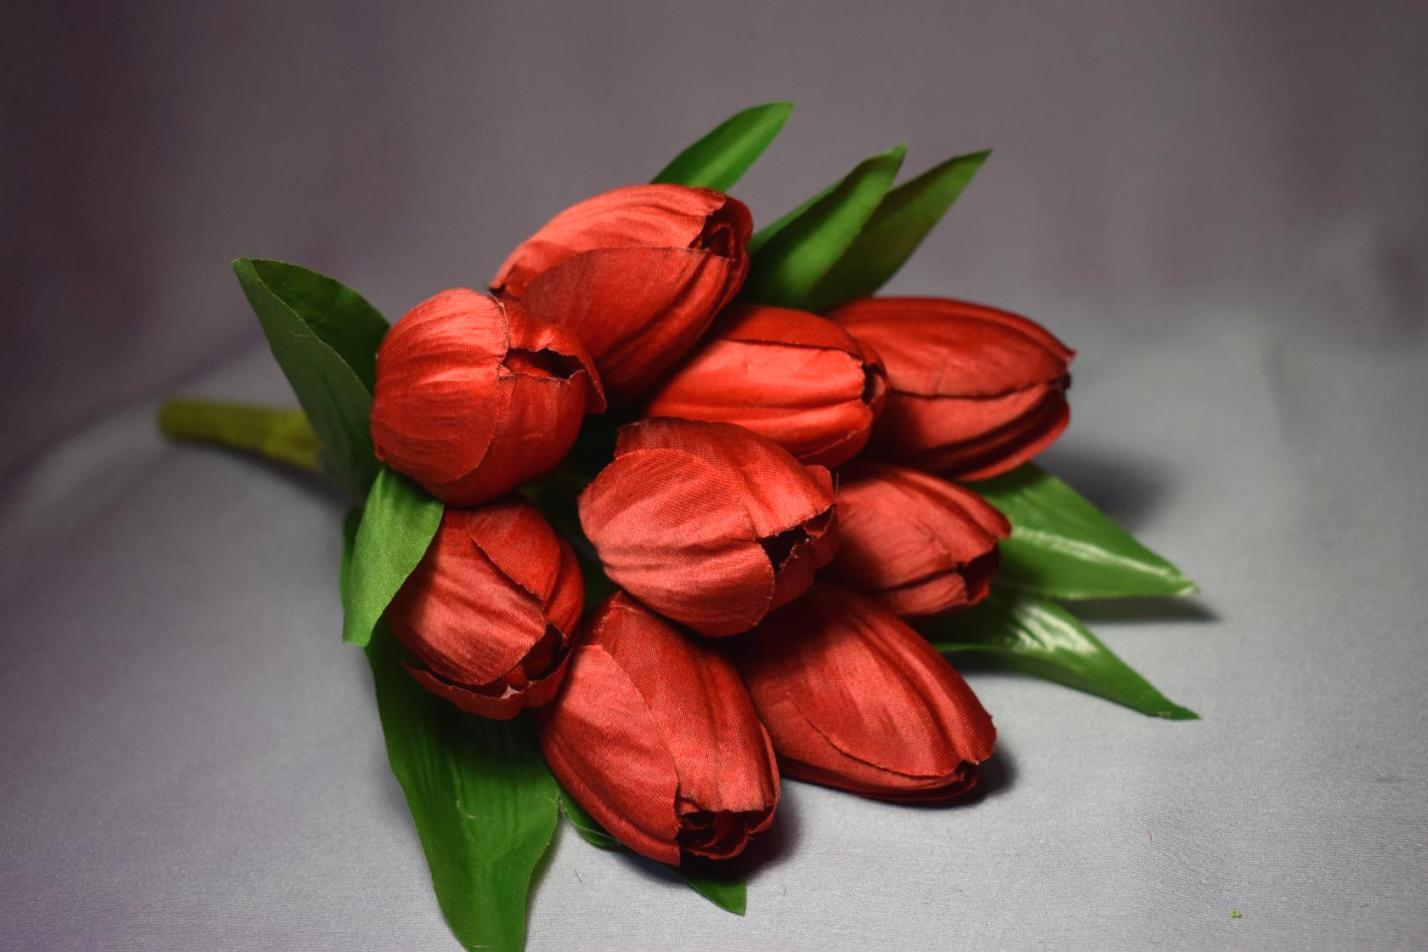 Доставка цветов, цена букета тюльпанов 250 рублей какую функцию денег иллюстрирует